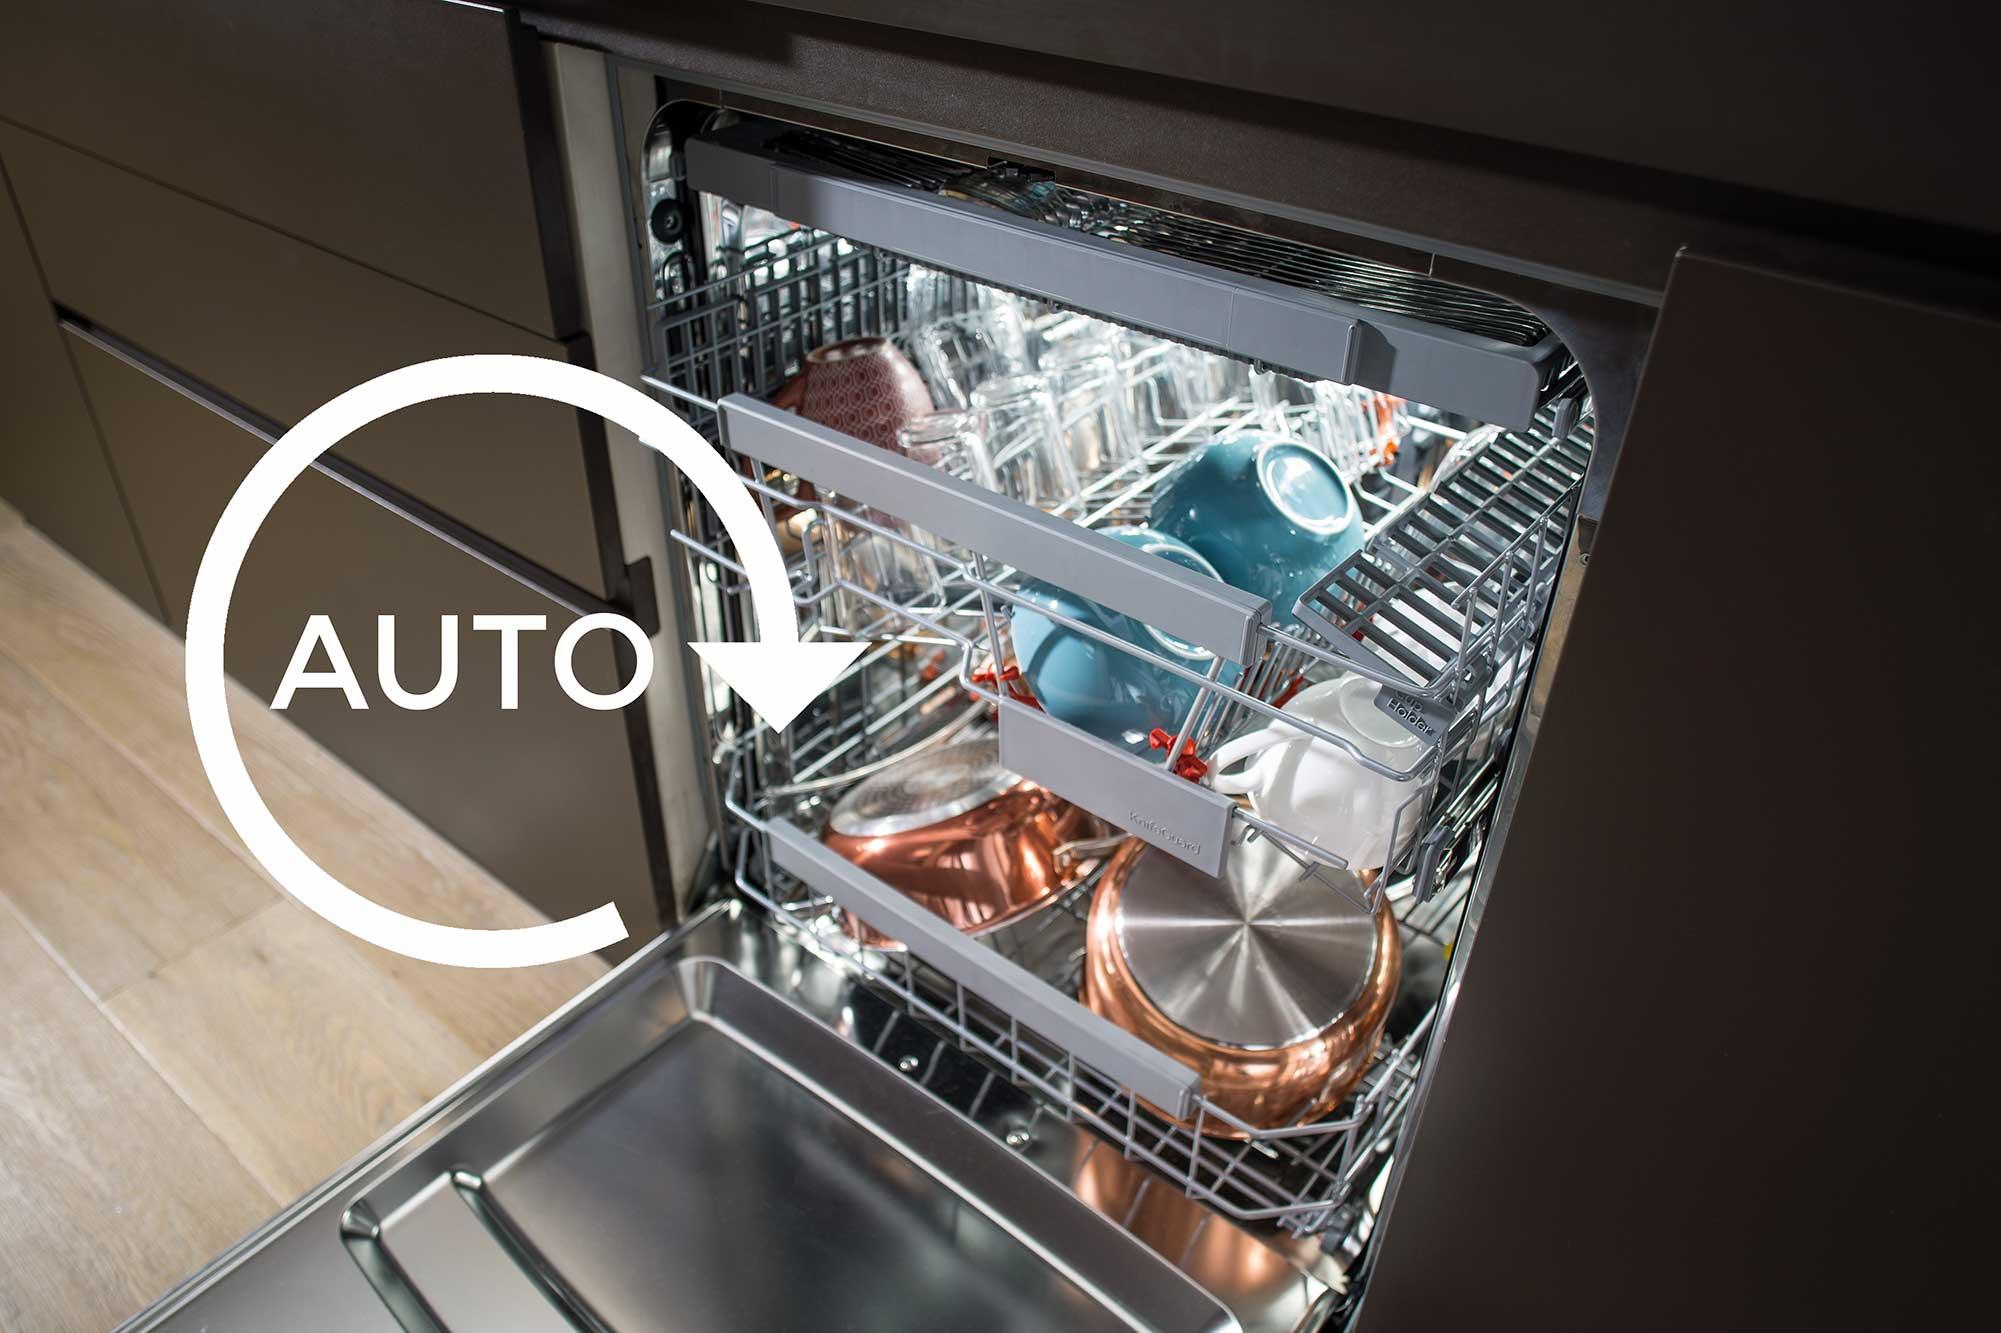 Máquina de lavar loiça HV661C60